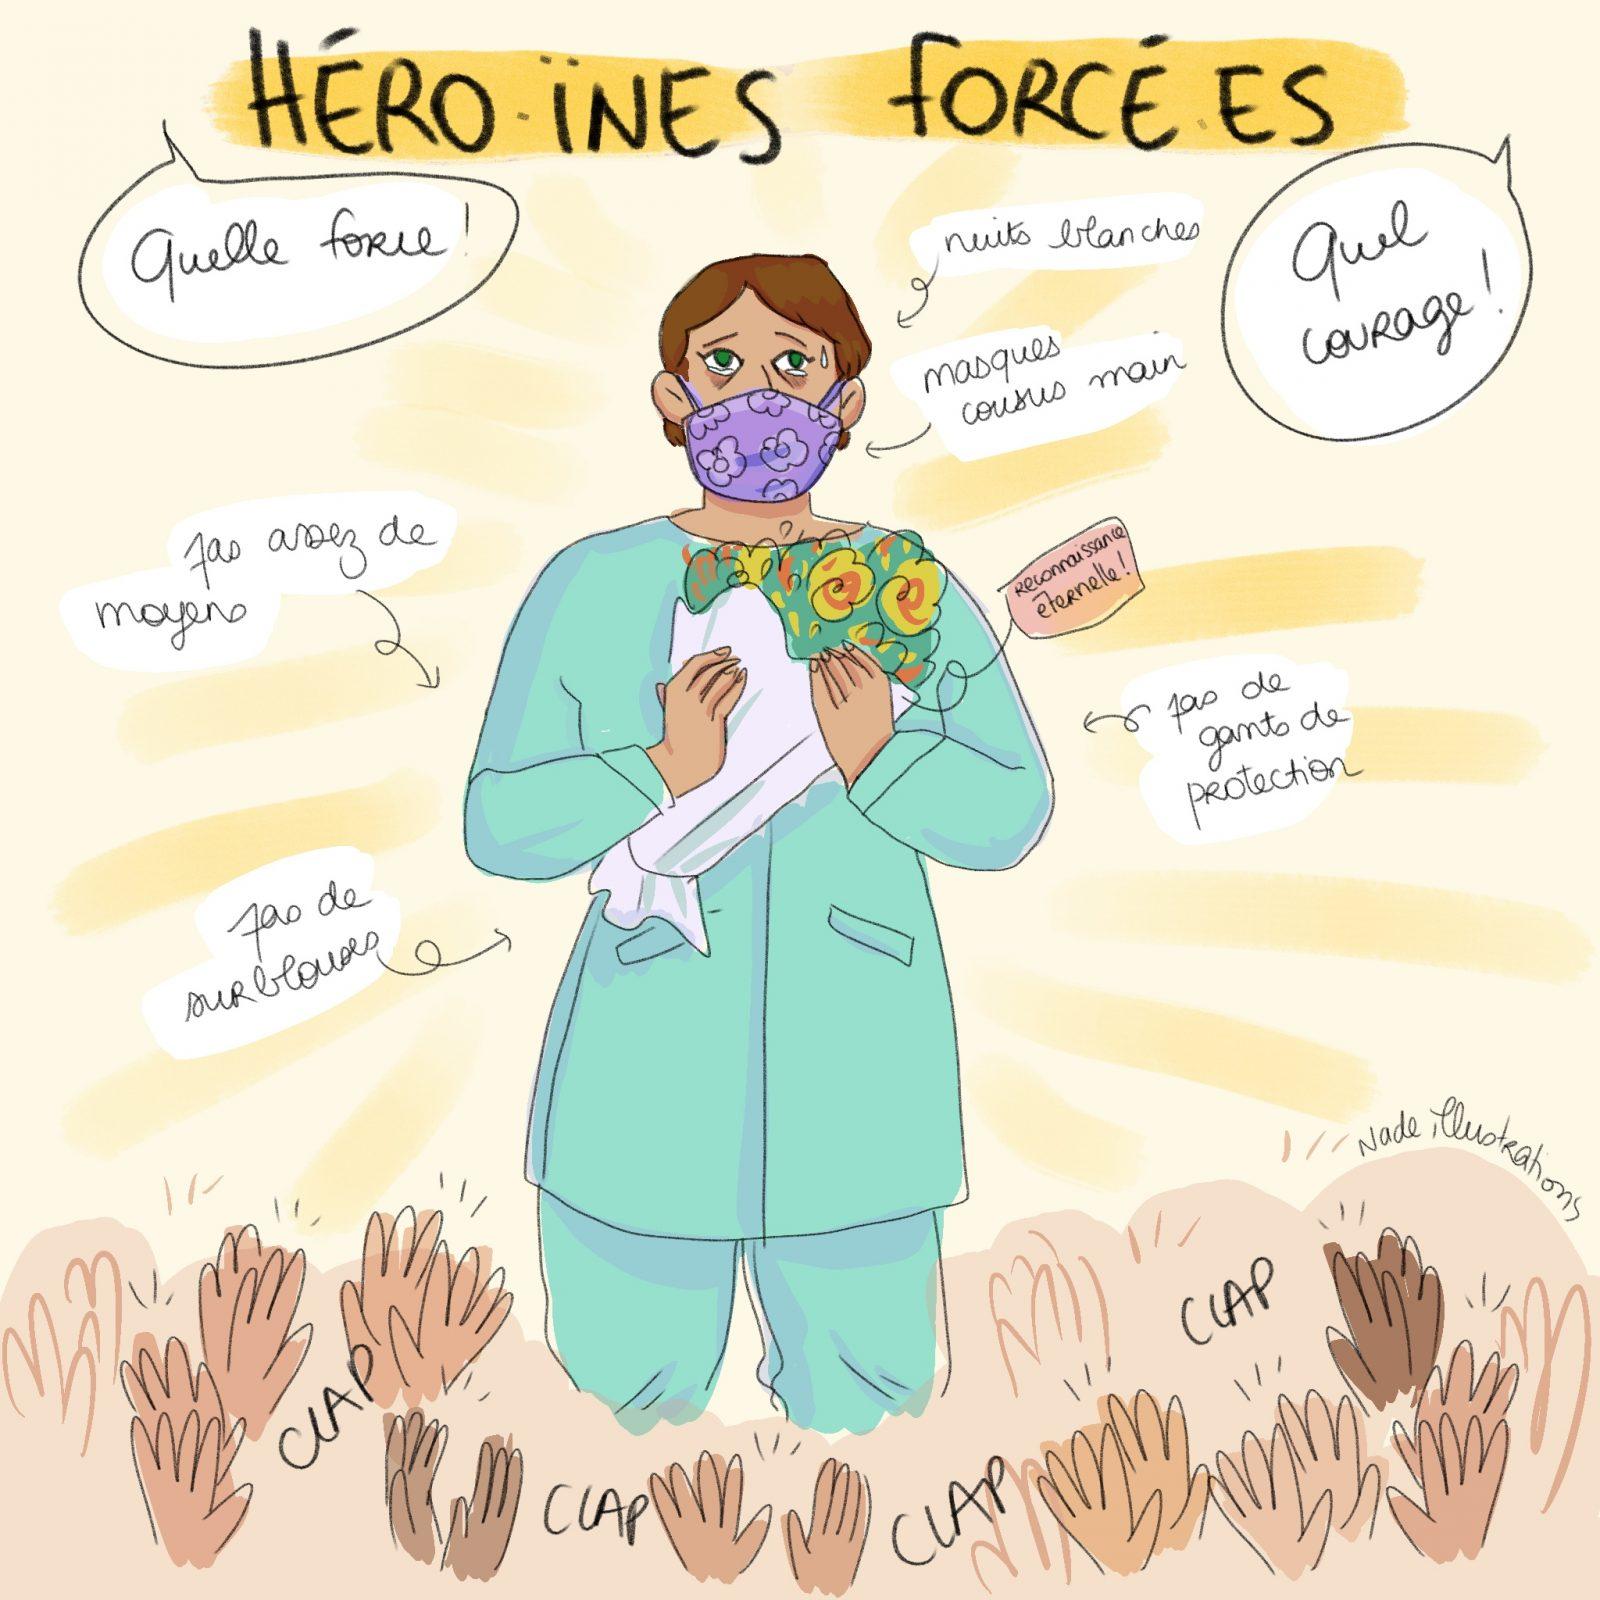 heroine-forcees-nade